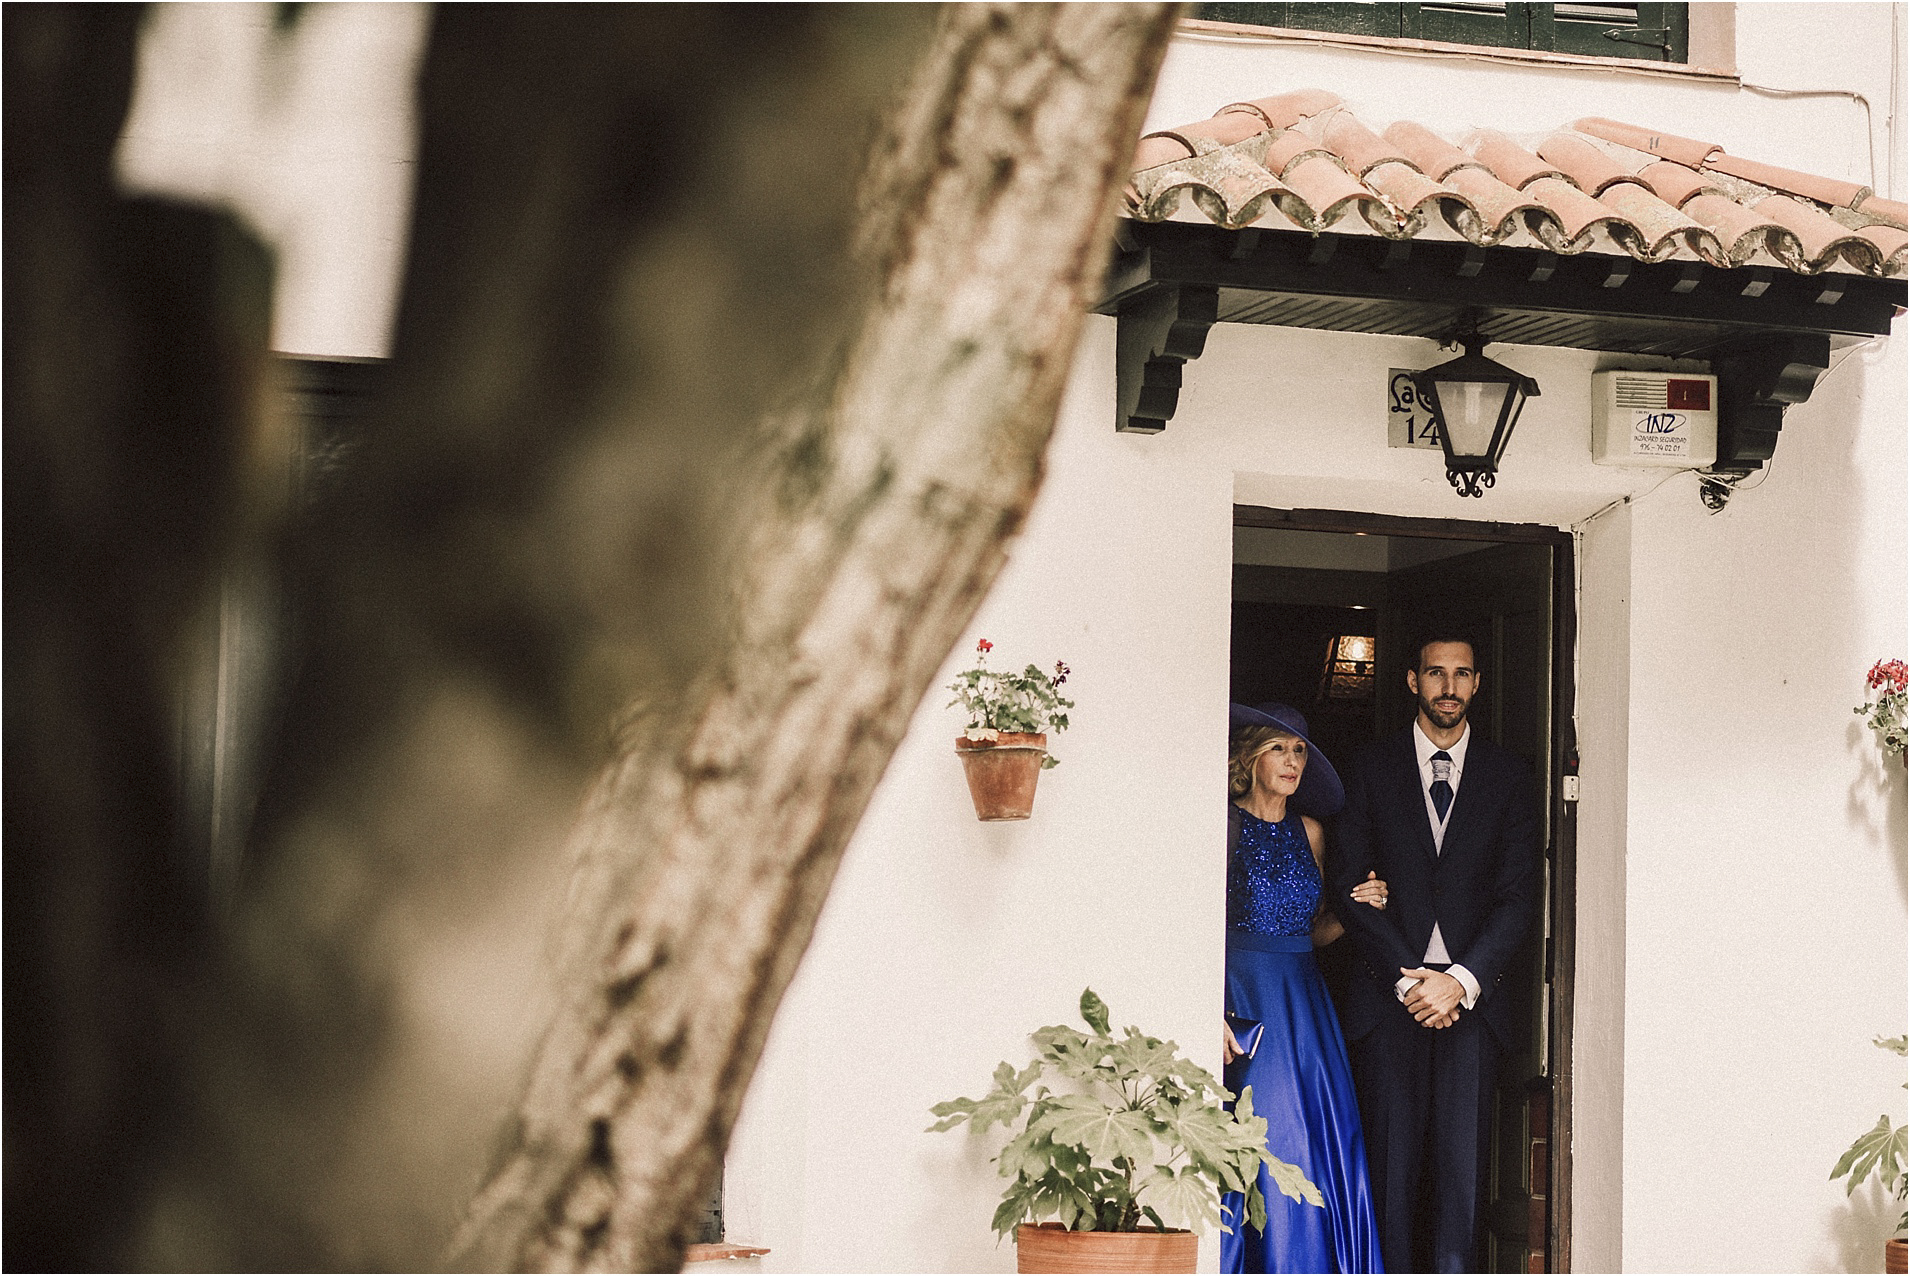 Fotografos-de-boda-donostia-zaragoza-san-sebastian-destination-wedding-photographer-40.jpg